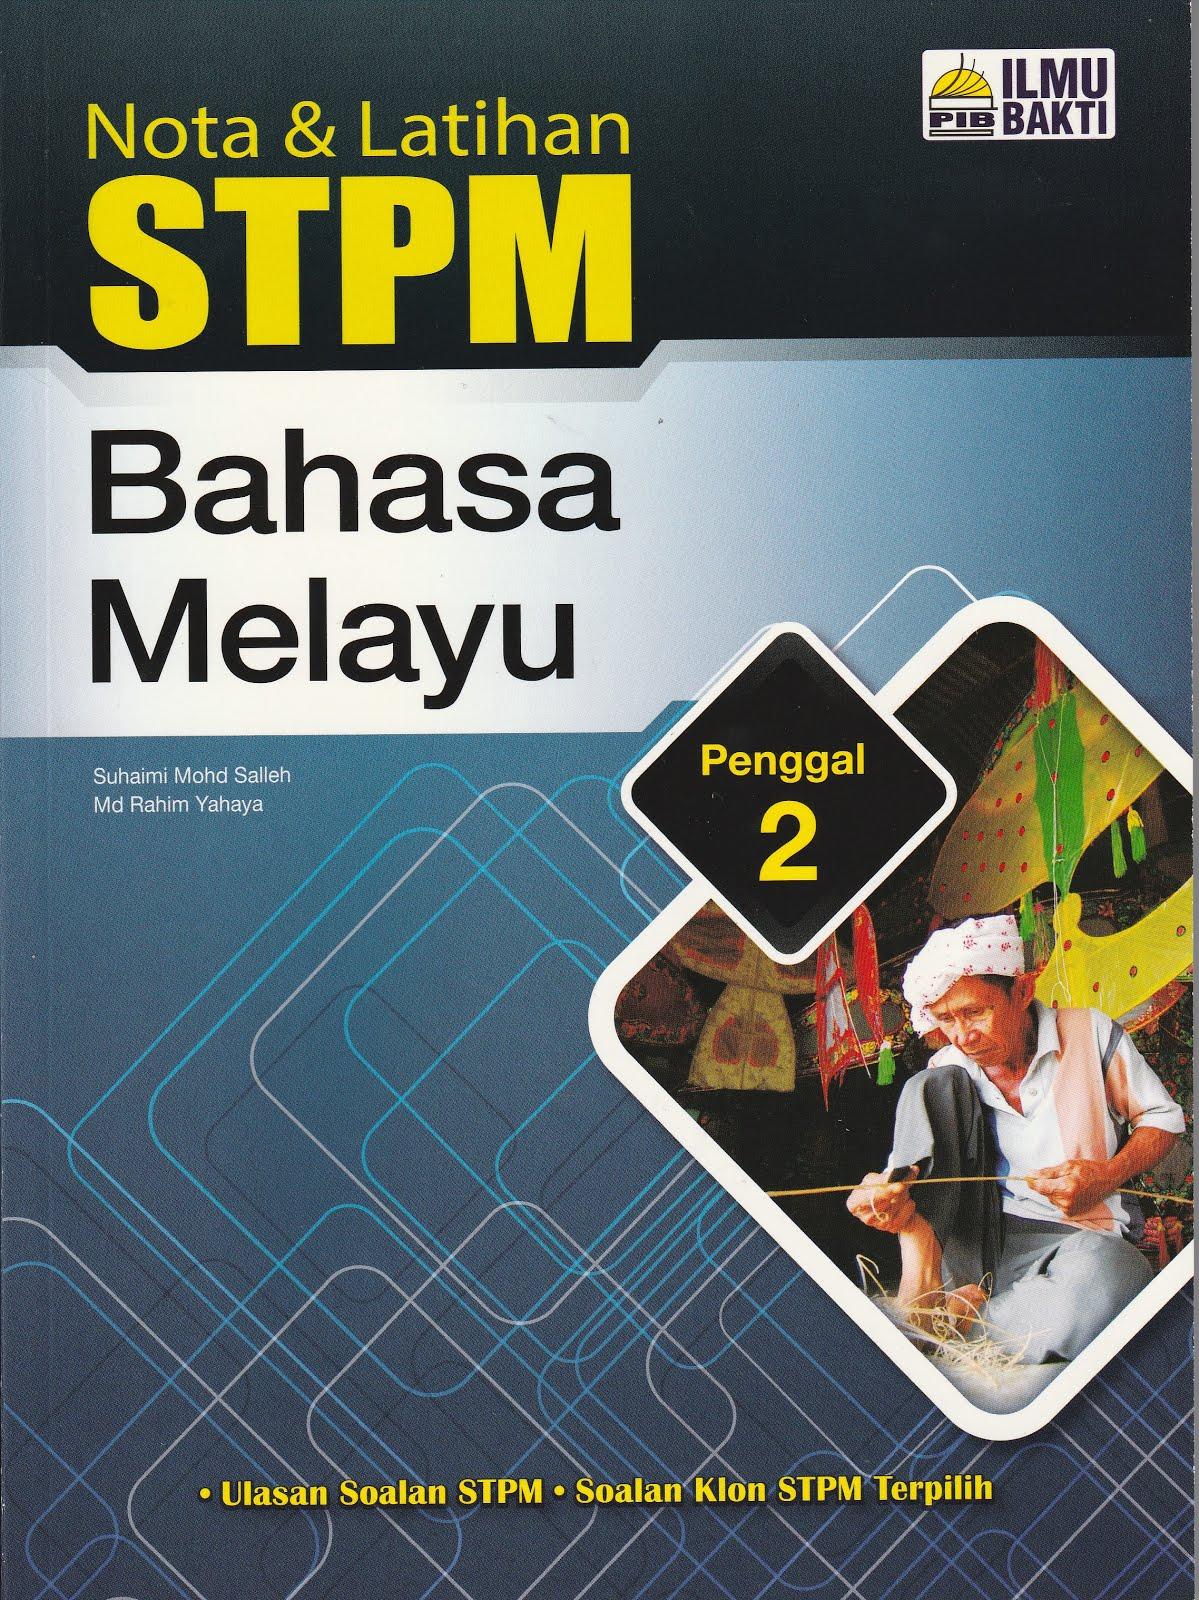 NOTA & LATIHAN STPM BAHASA MELAYU PENGGAL 2